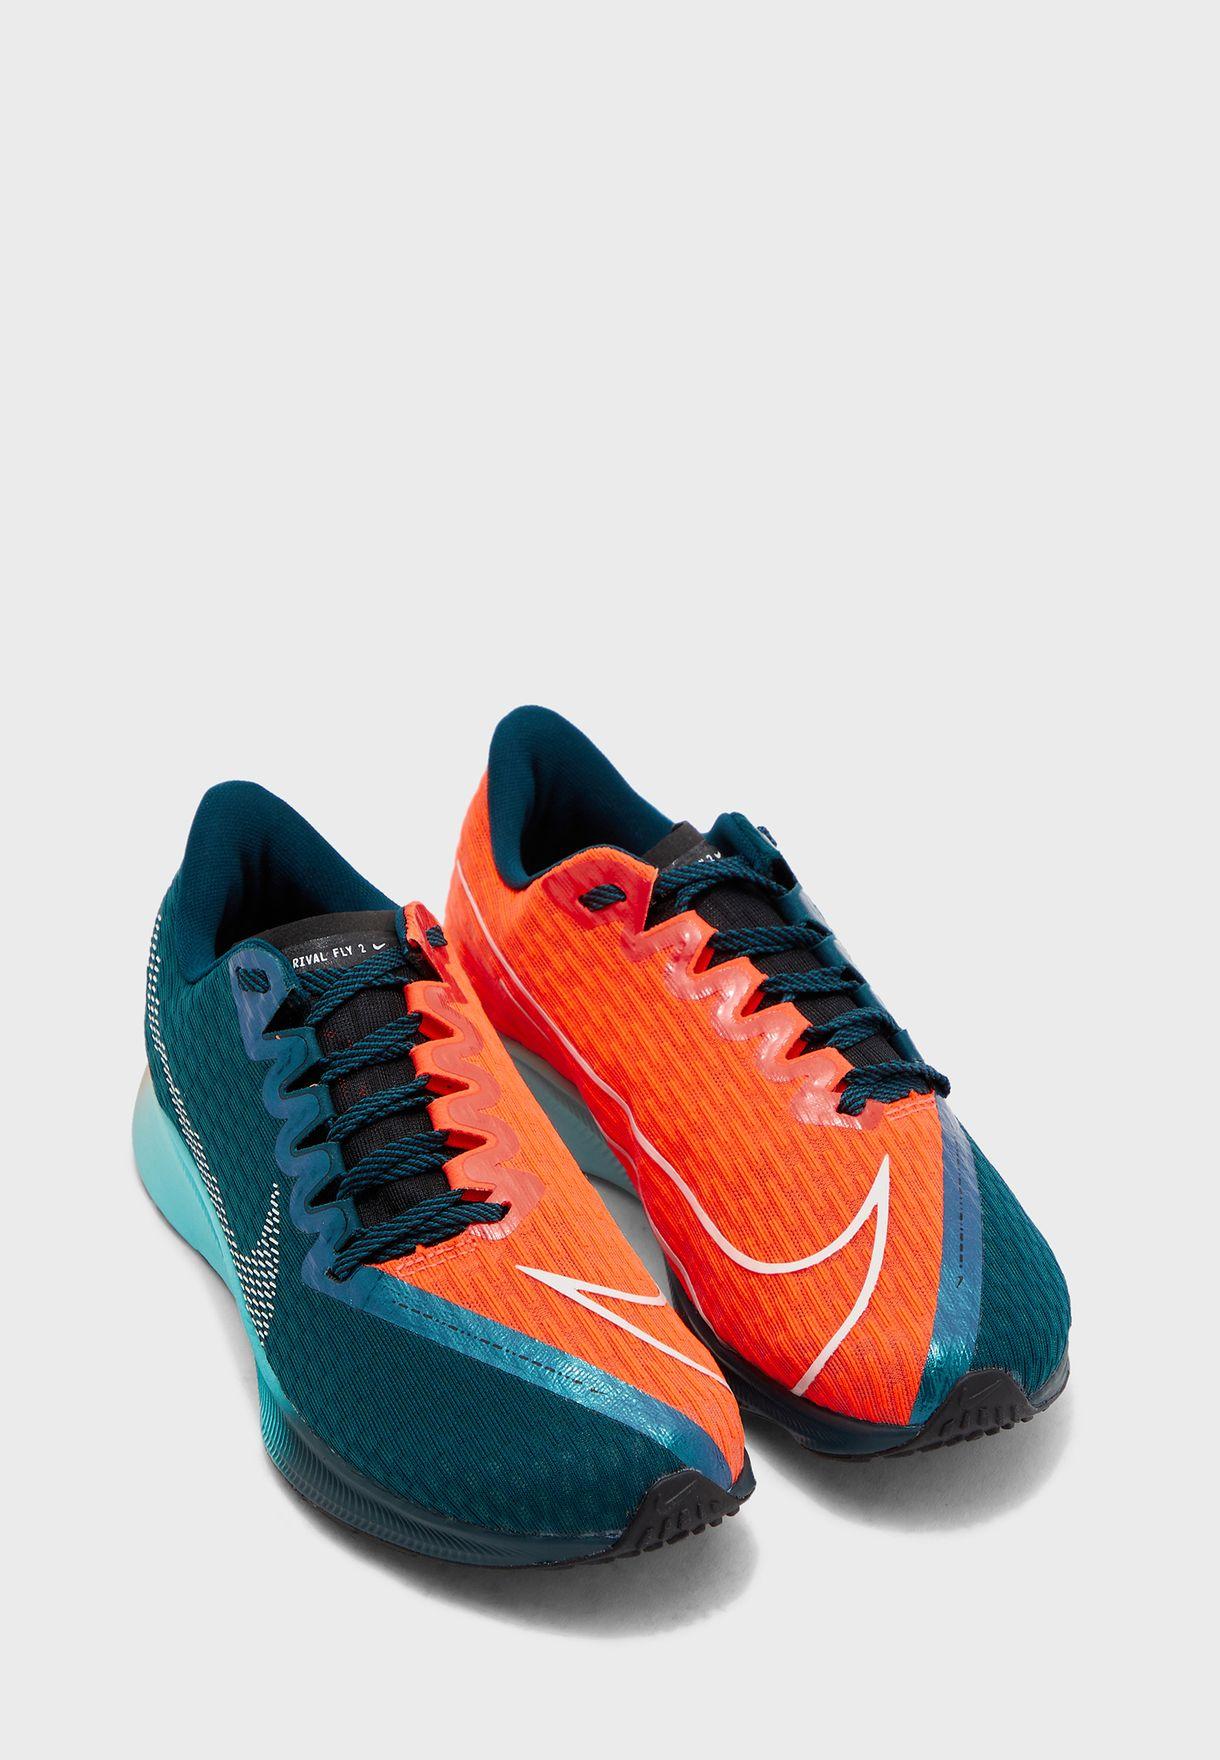 amplificación Todo el tiempo inquilino  Buy Nike multicolor Zoom Rival Fly 2 HKNE for Women in MENA, Worldwide |  CN6881-300